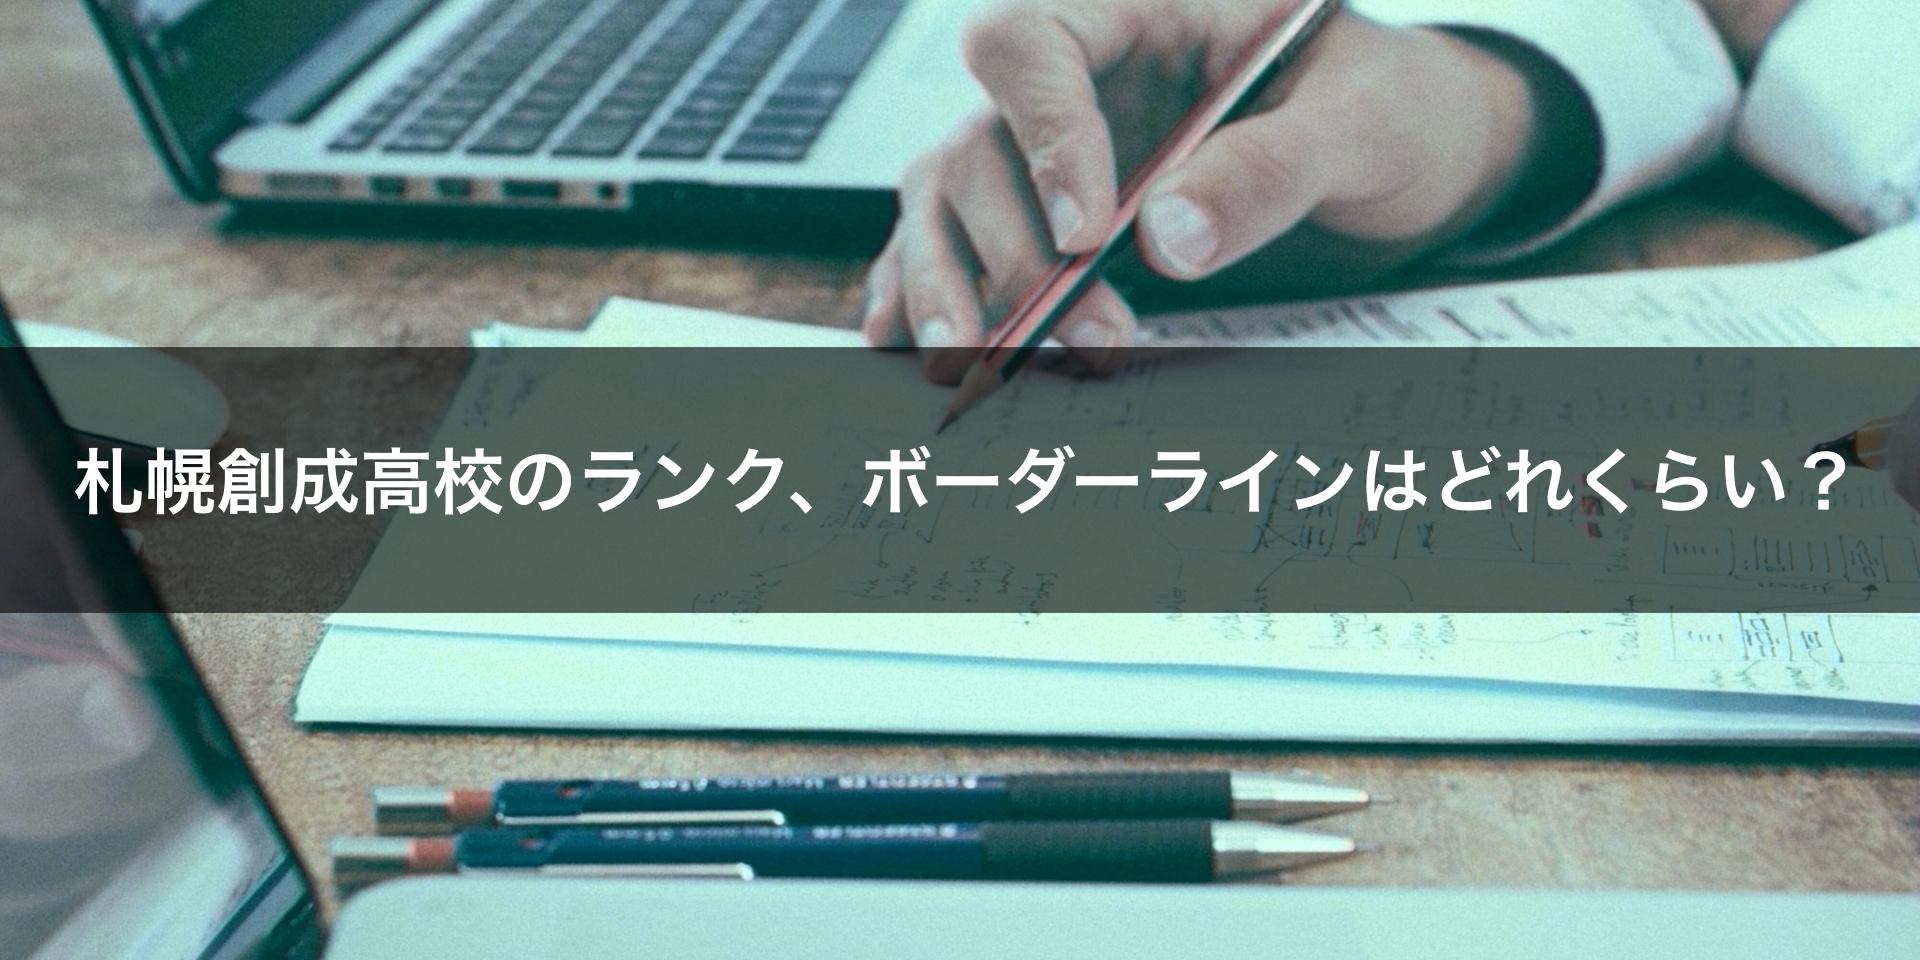 札幌創成高校のランク、ボーダーラインはどれくらい?